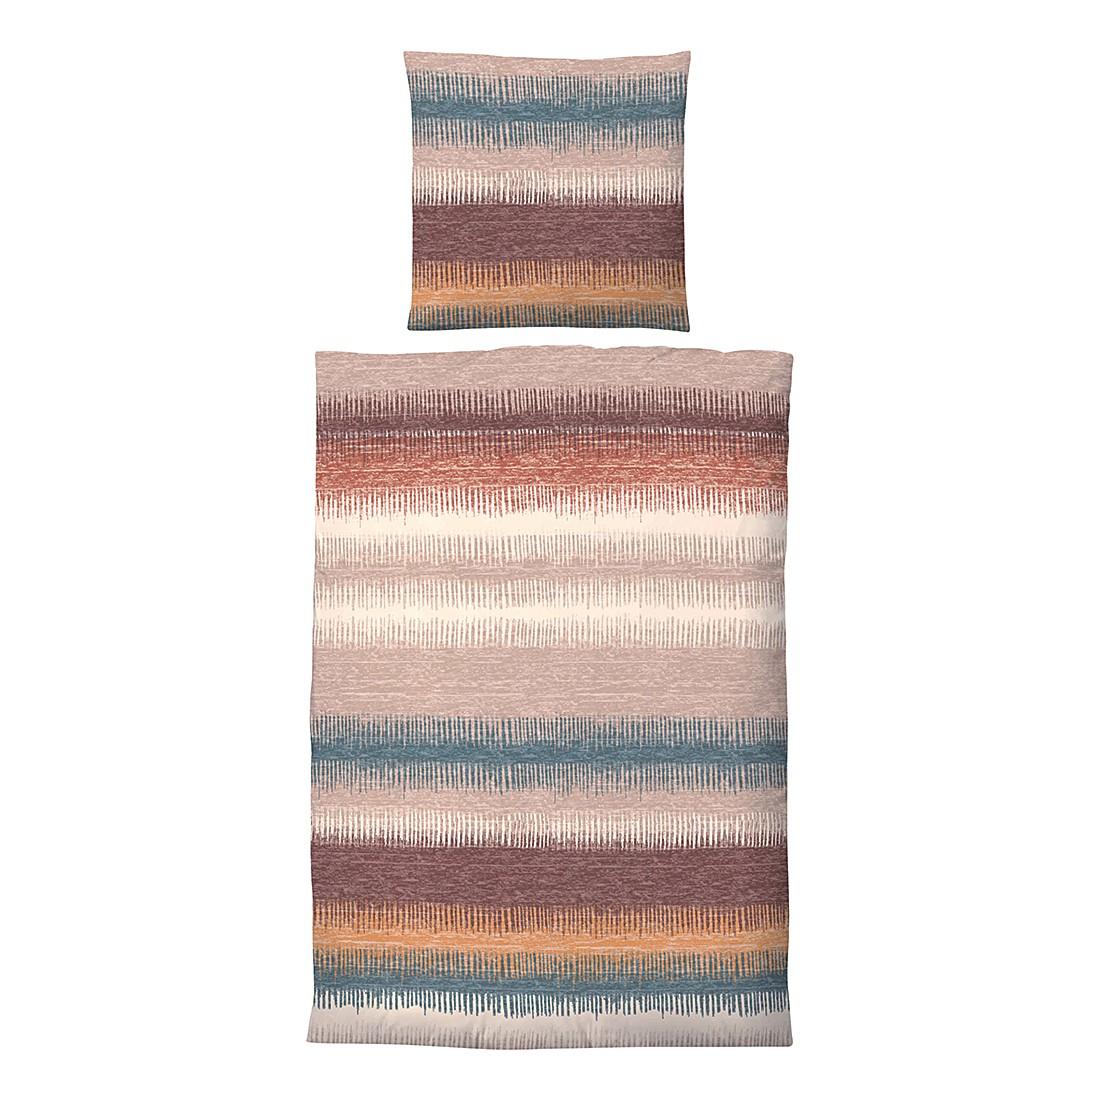 Winter-Soft-Seersucker Bettwäsche Charlotte – Taupe – 155 x 200 cm + Kissen 80 x 80 cm, Biberna günstig bestellen